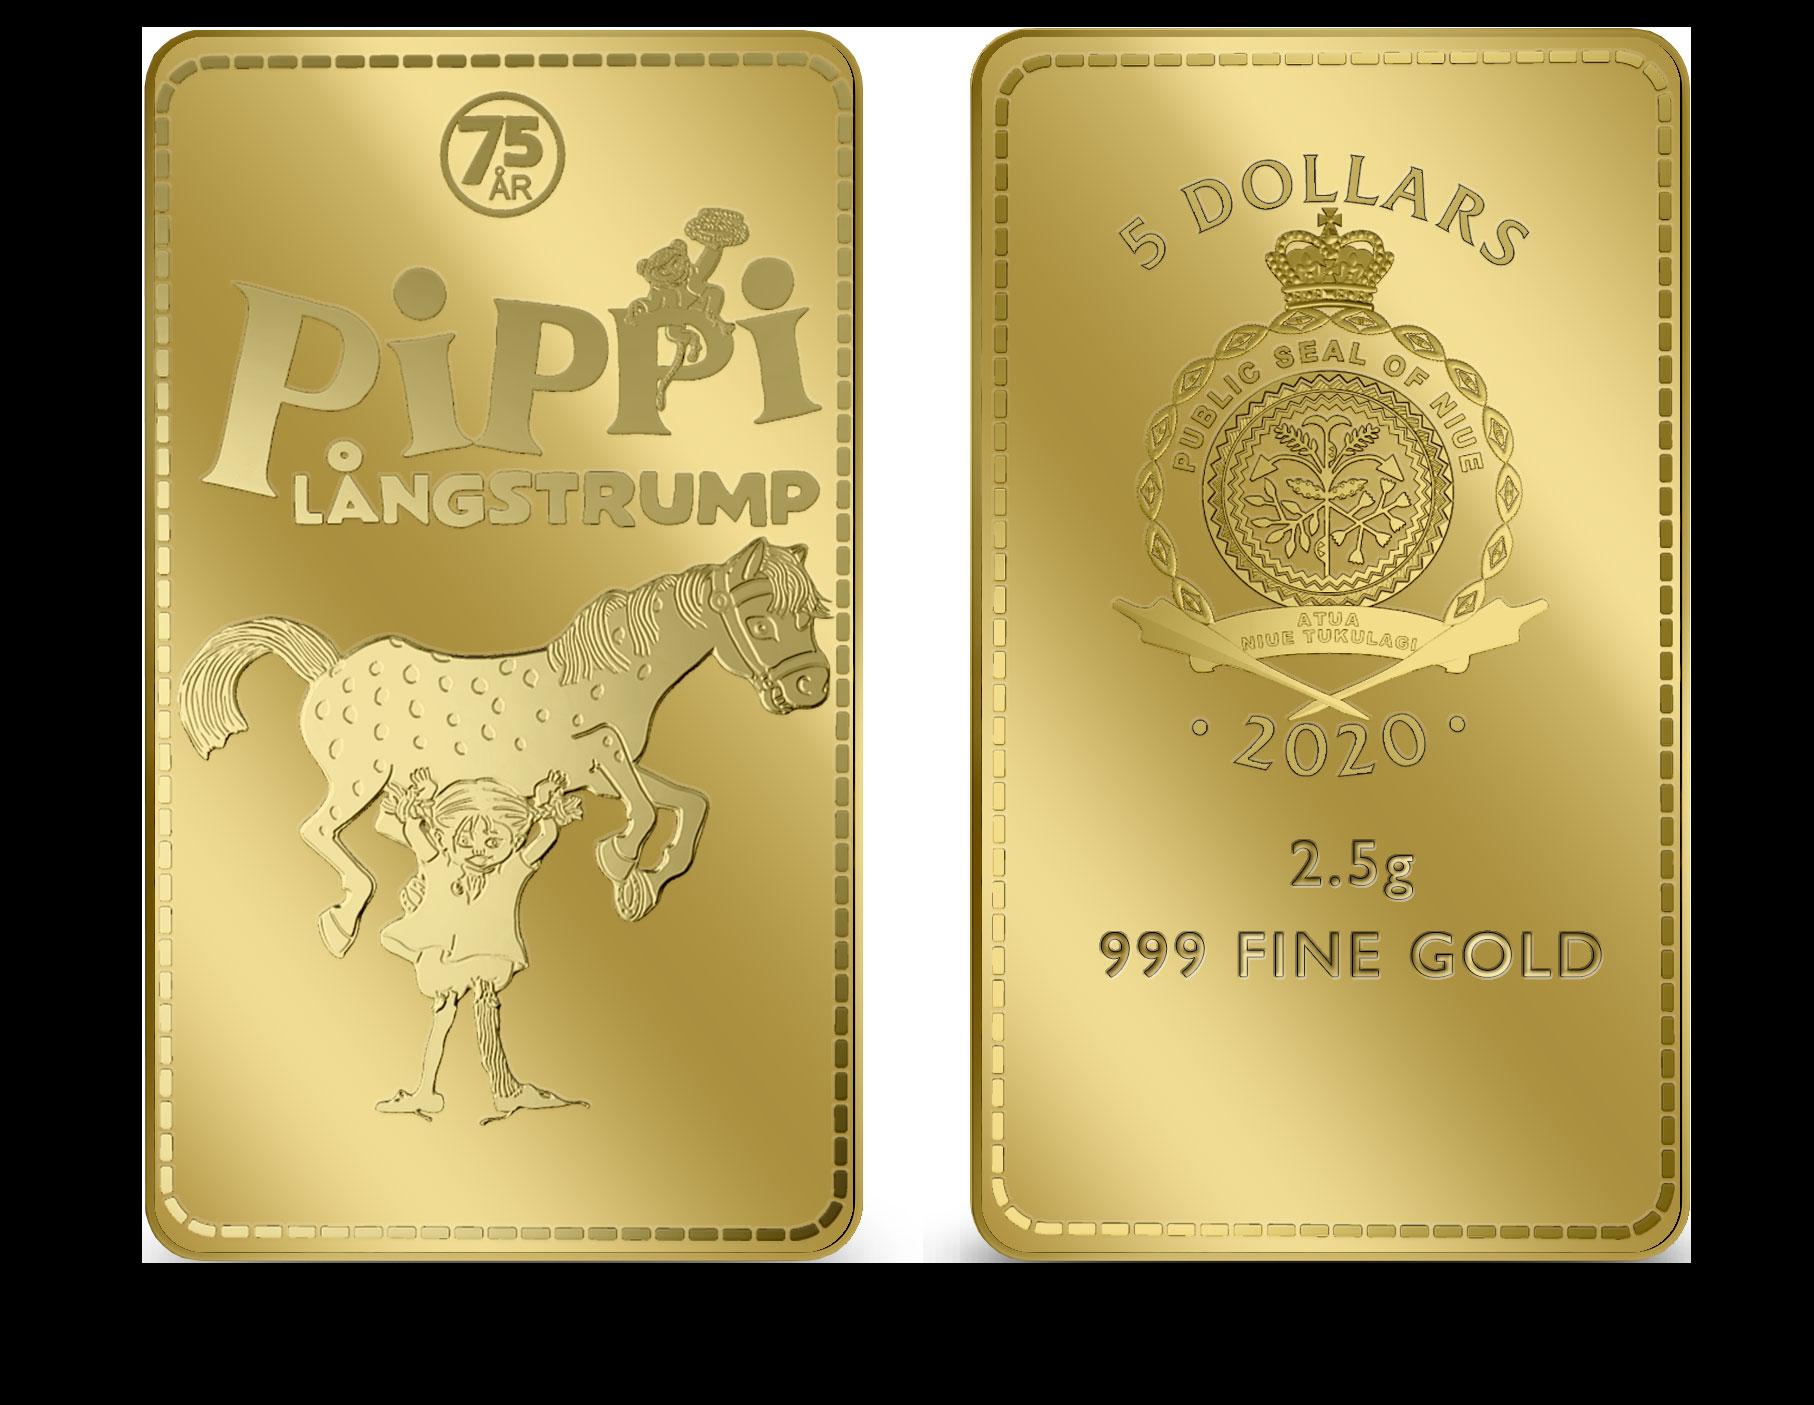 Eksklusiv møntbar i 24 karat guld på 2,5 g. Udgivet i forbindelse med Pippis 75-års fødselsdag. Leveres i specialdesignet skrin, i beskyttende kapsel samt med ægthedscertifikat.